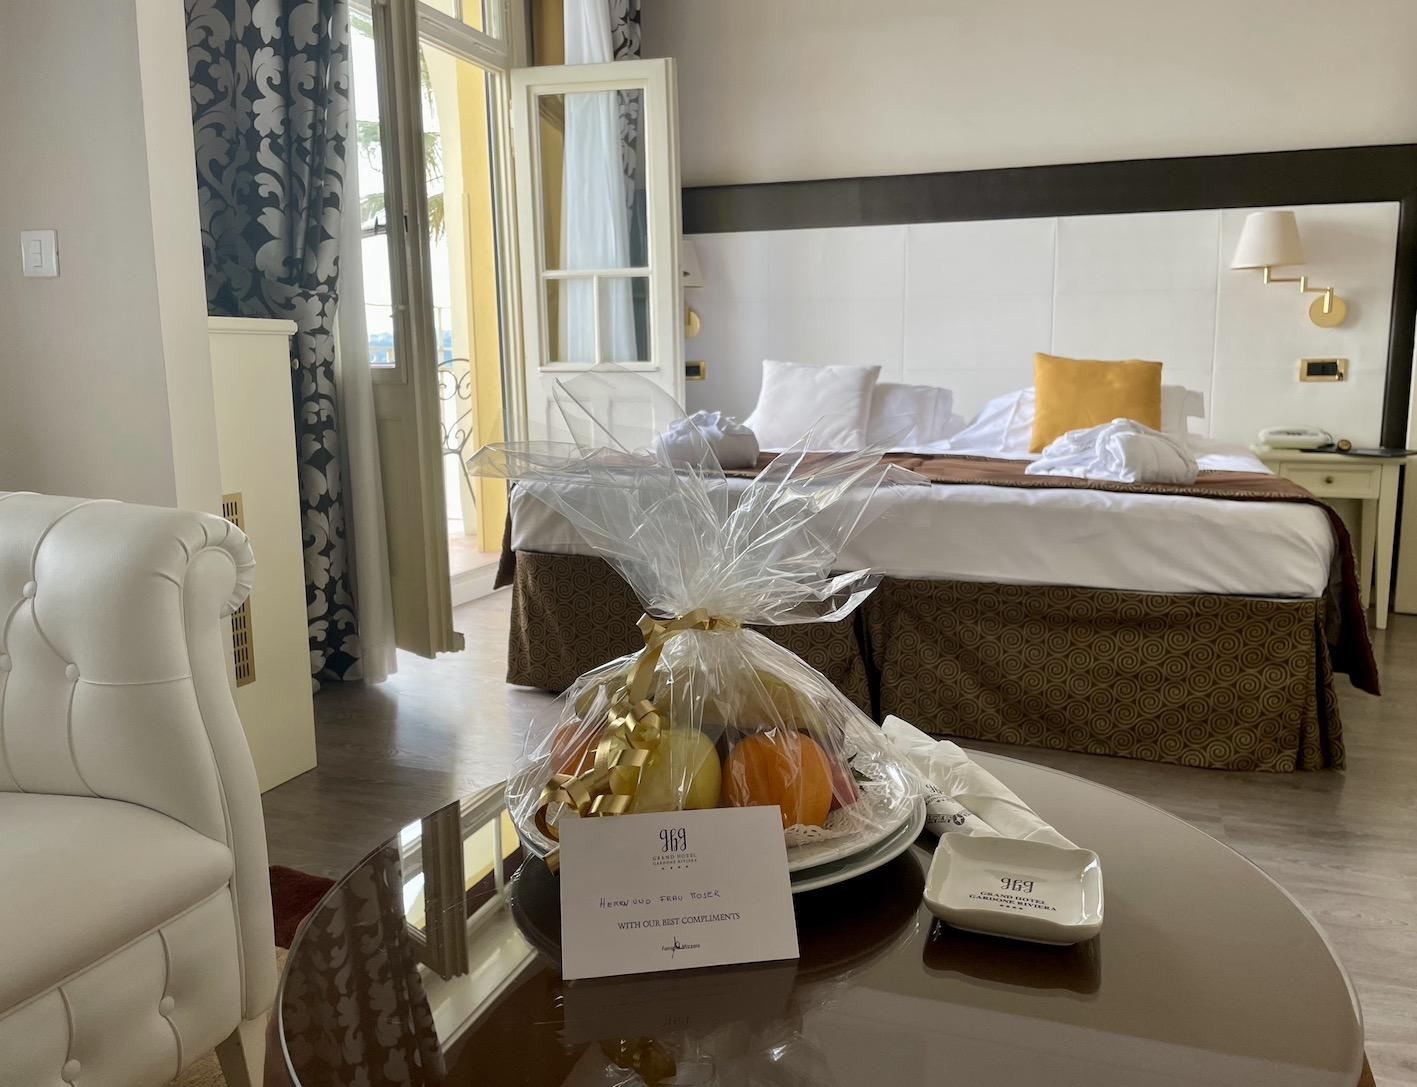 GenussAugenblicke - Grand Hotel Gardone